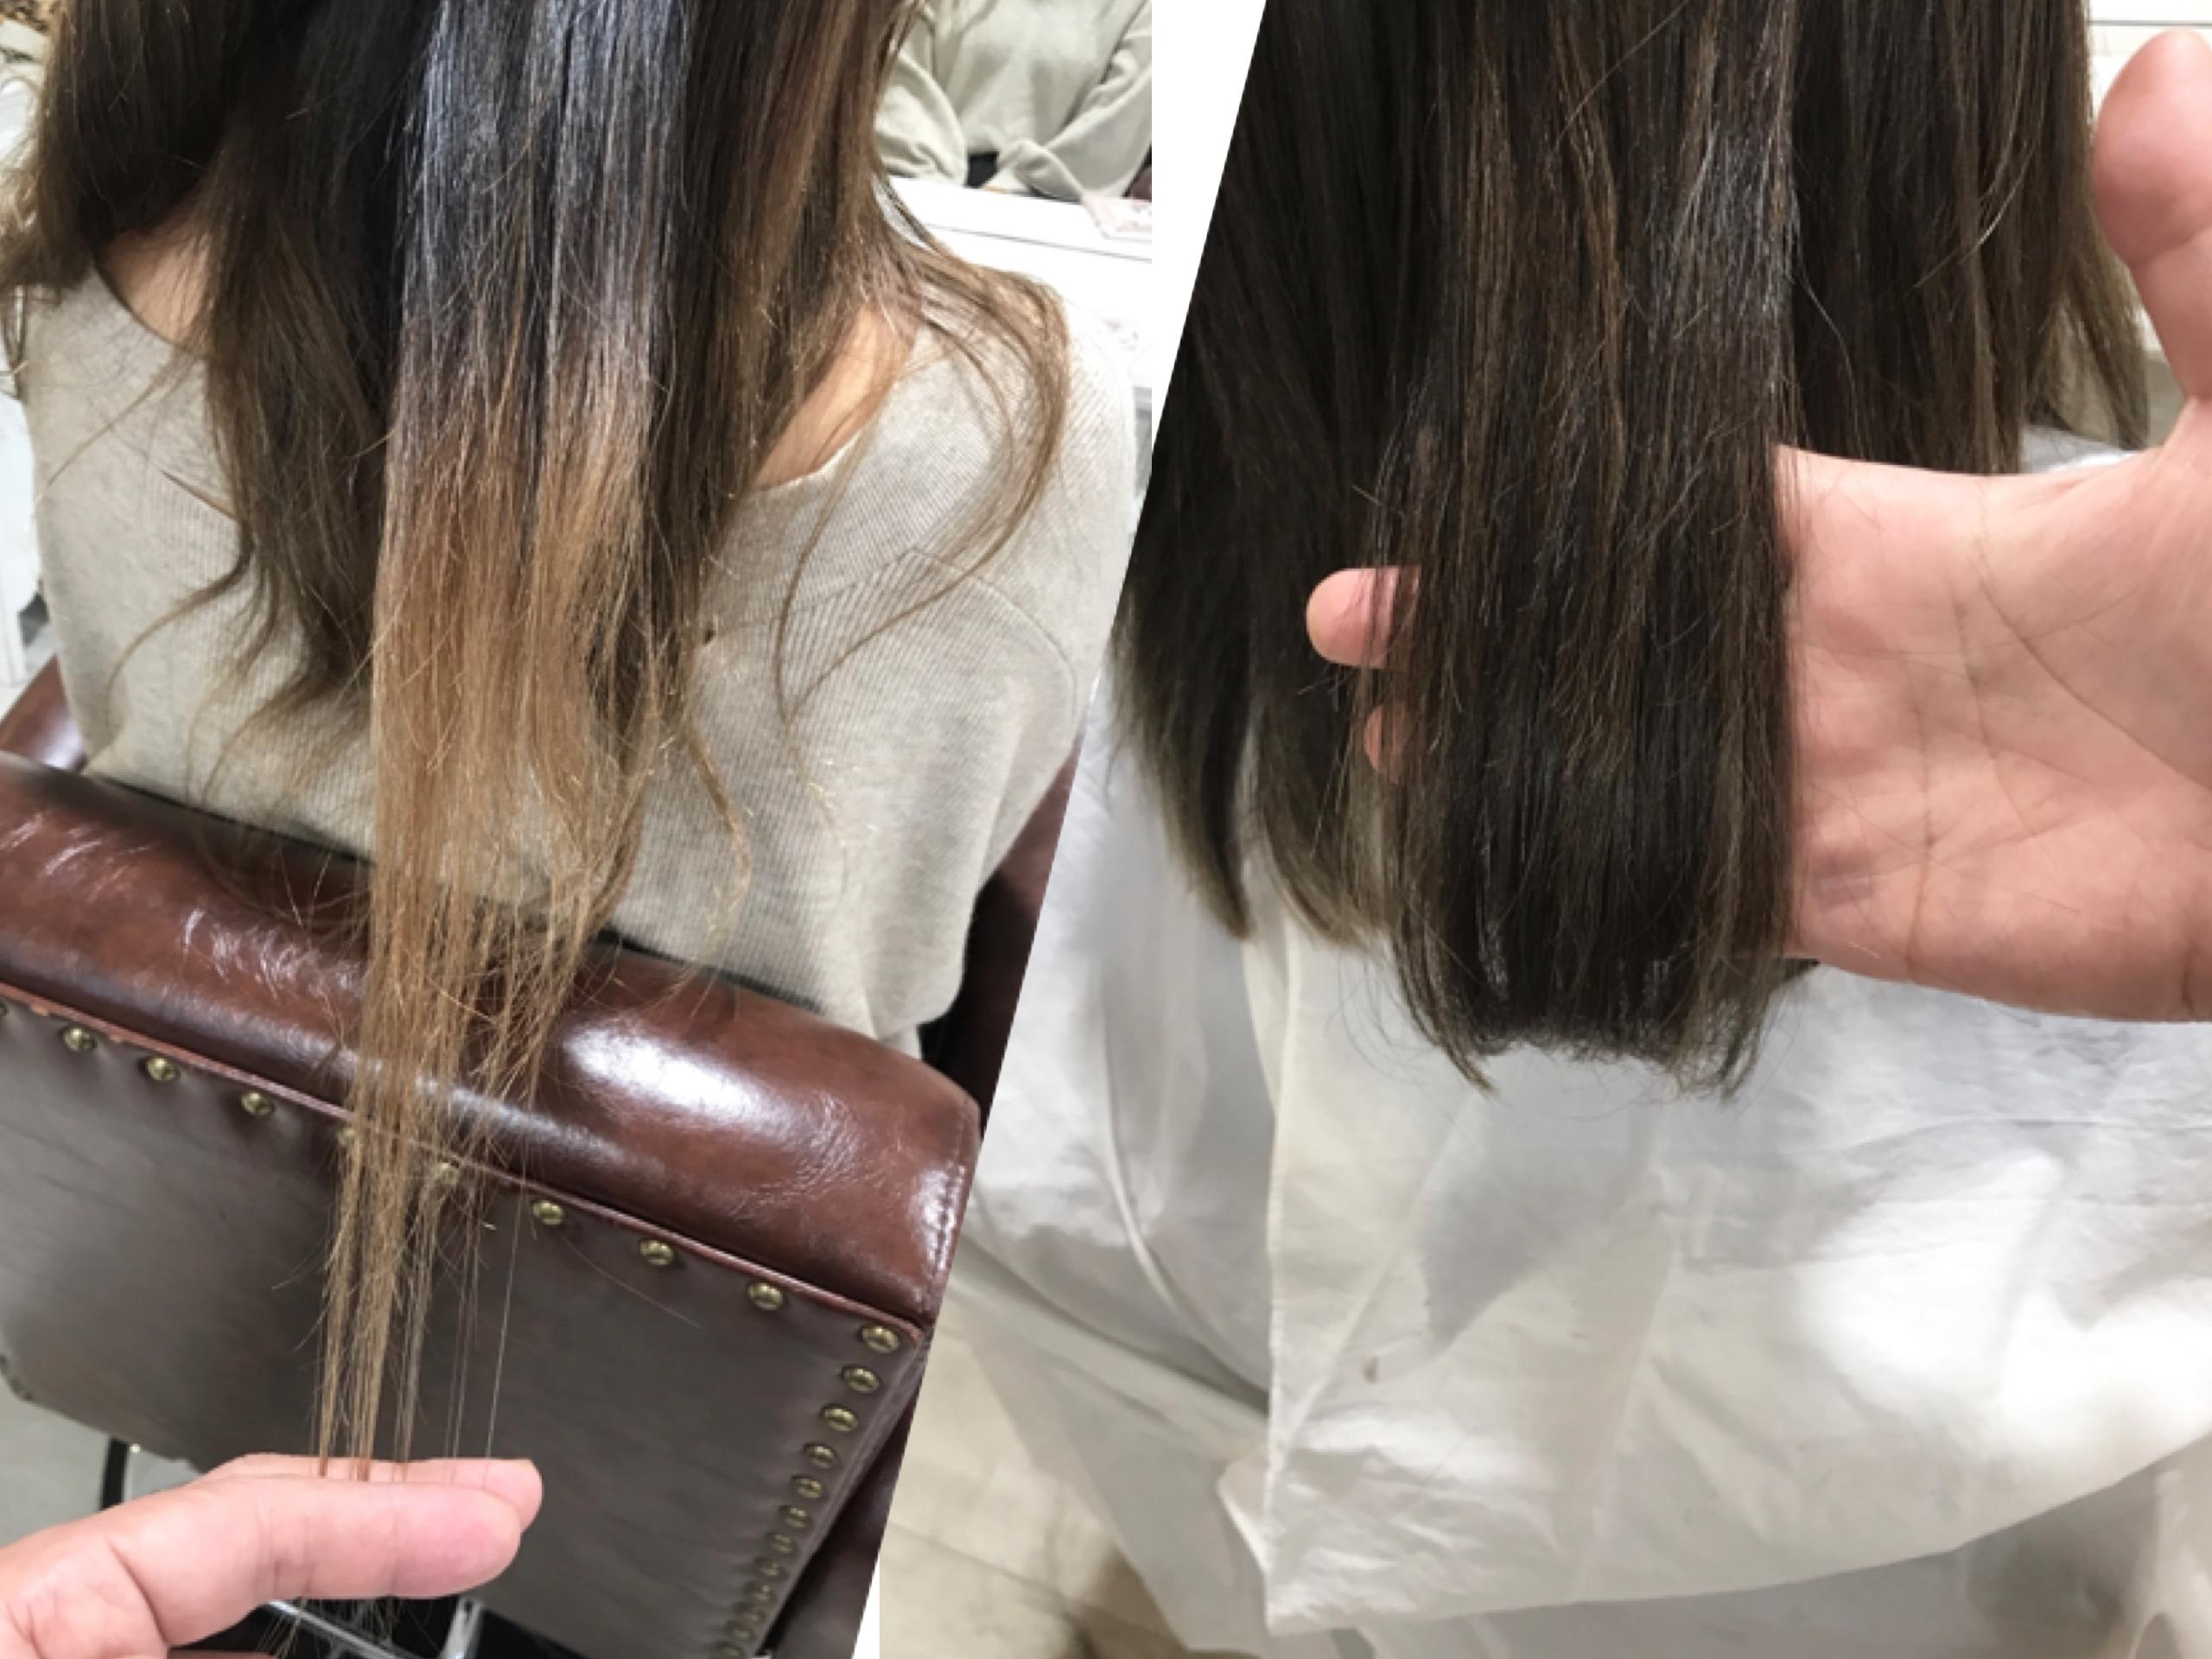 綺麗なヘアカラーをより綺麗にみせるためのカットの大切さについて